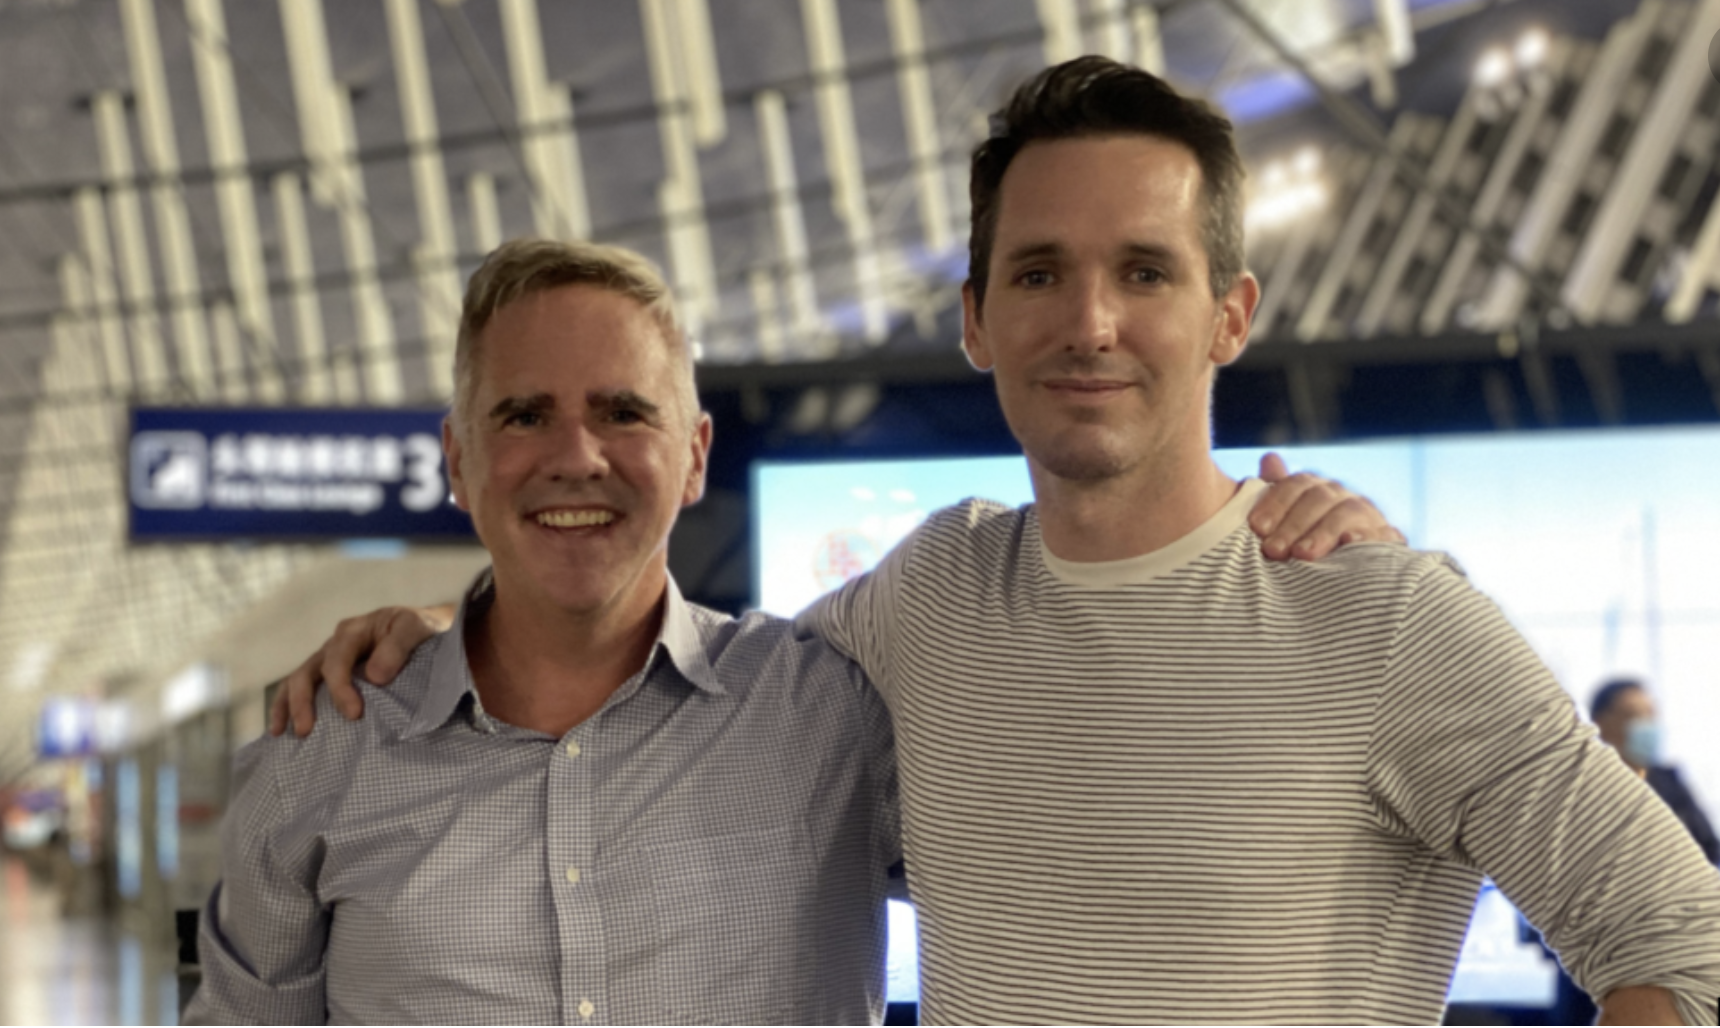 澳廣駐京記者比爾·比特爾斯(Bill Birtles,右)與澳洲金融評論駐滬記者邁克·史密斯(Mike Smith)。(圖片來源:澳廣記者比特爾斯的推特帳戶)